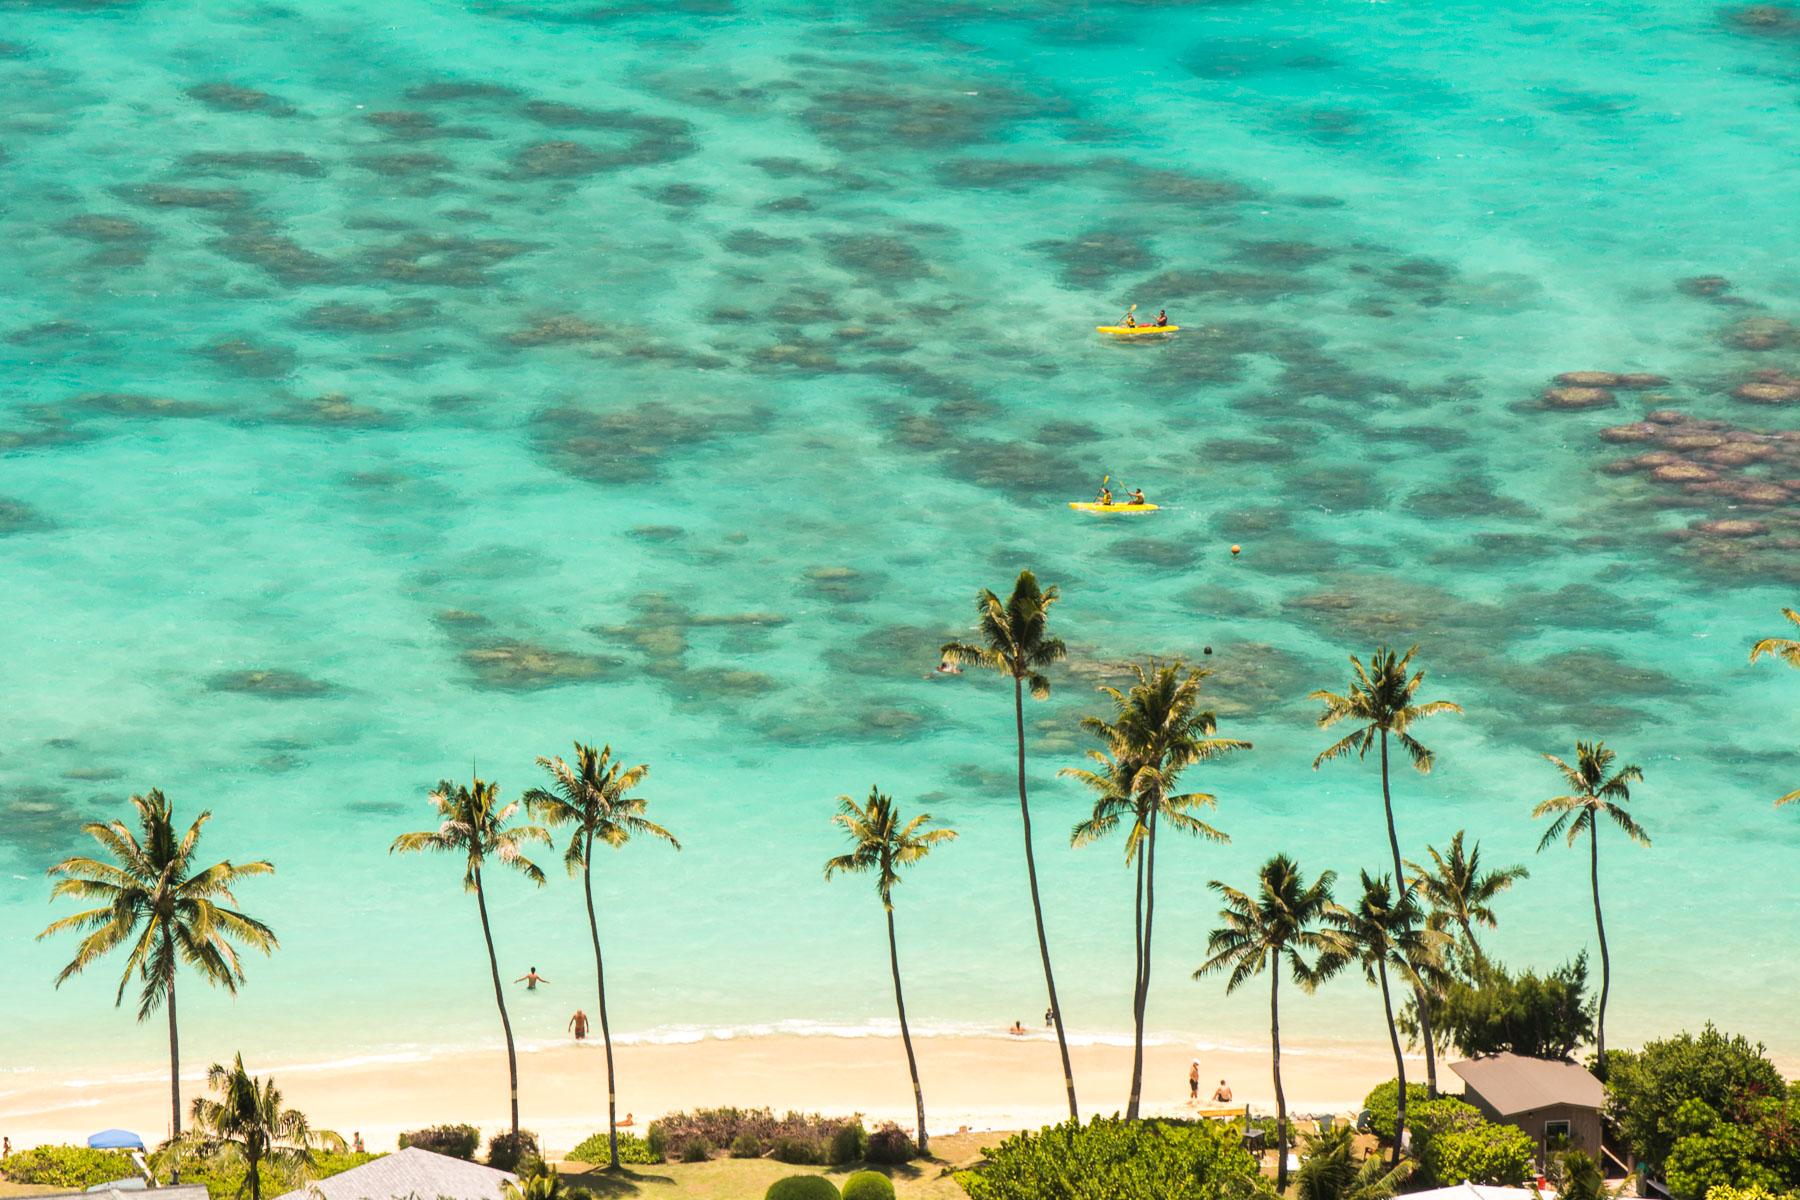 Fotografování na Havaji (díl 1): pláž Lanikai